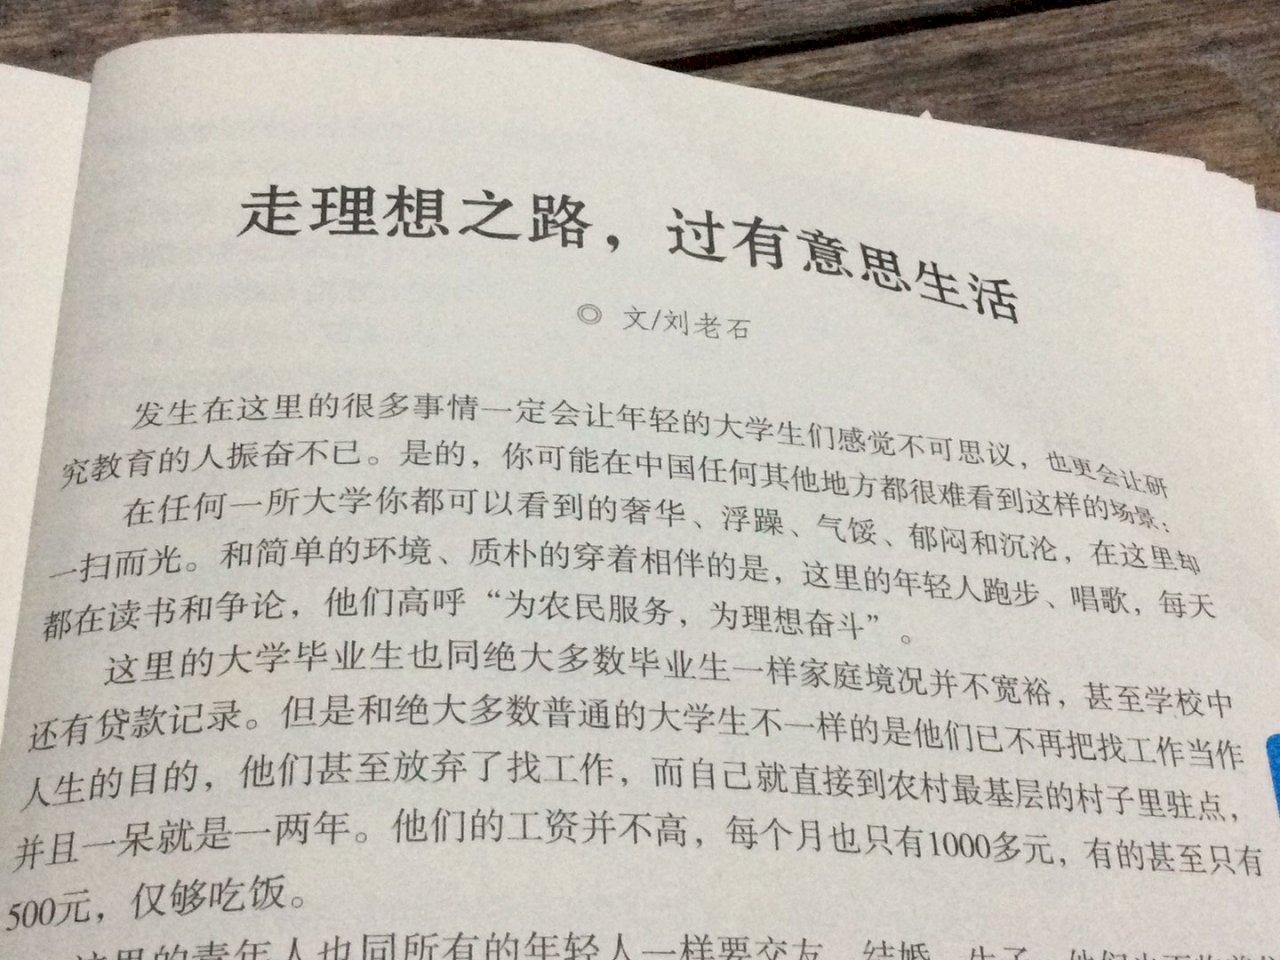 中國鄉村建設反思(七)從「有意義的生活」到「有意思生活」